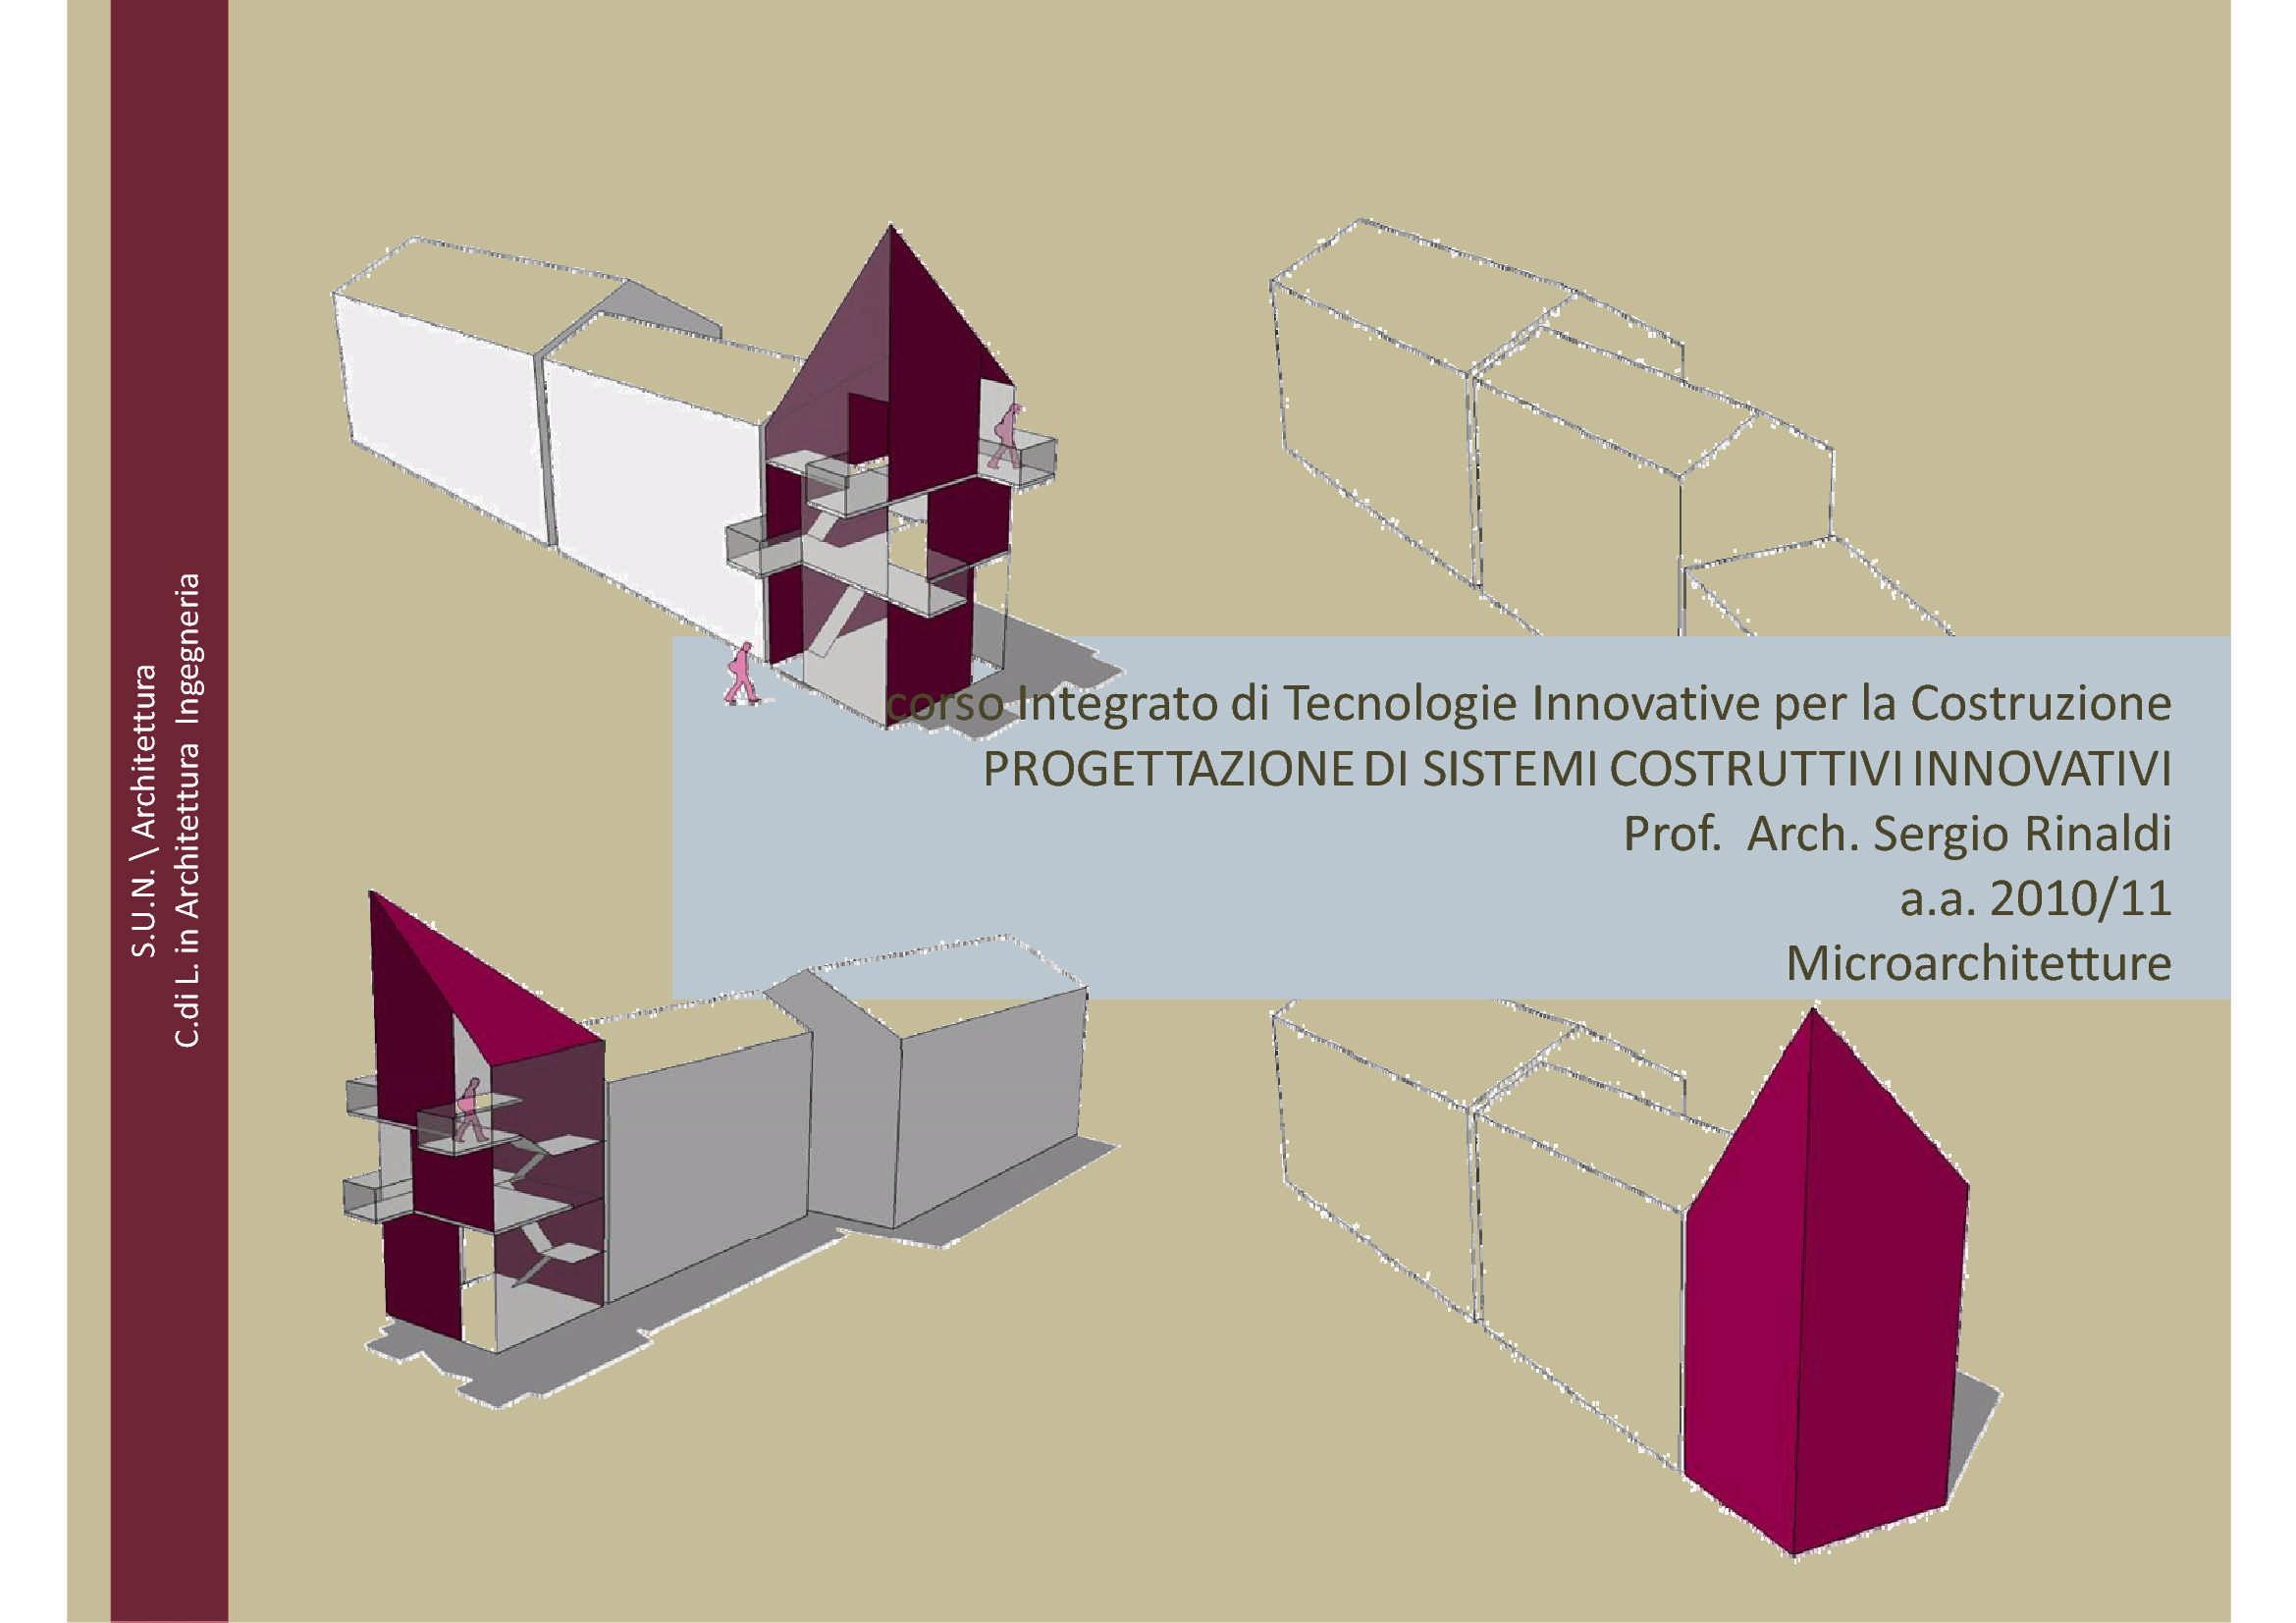 Microarchitetture per lo spazio pubblico e micro addizioni parassite